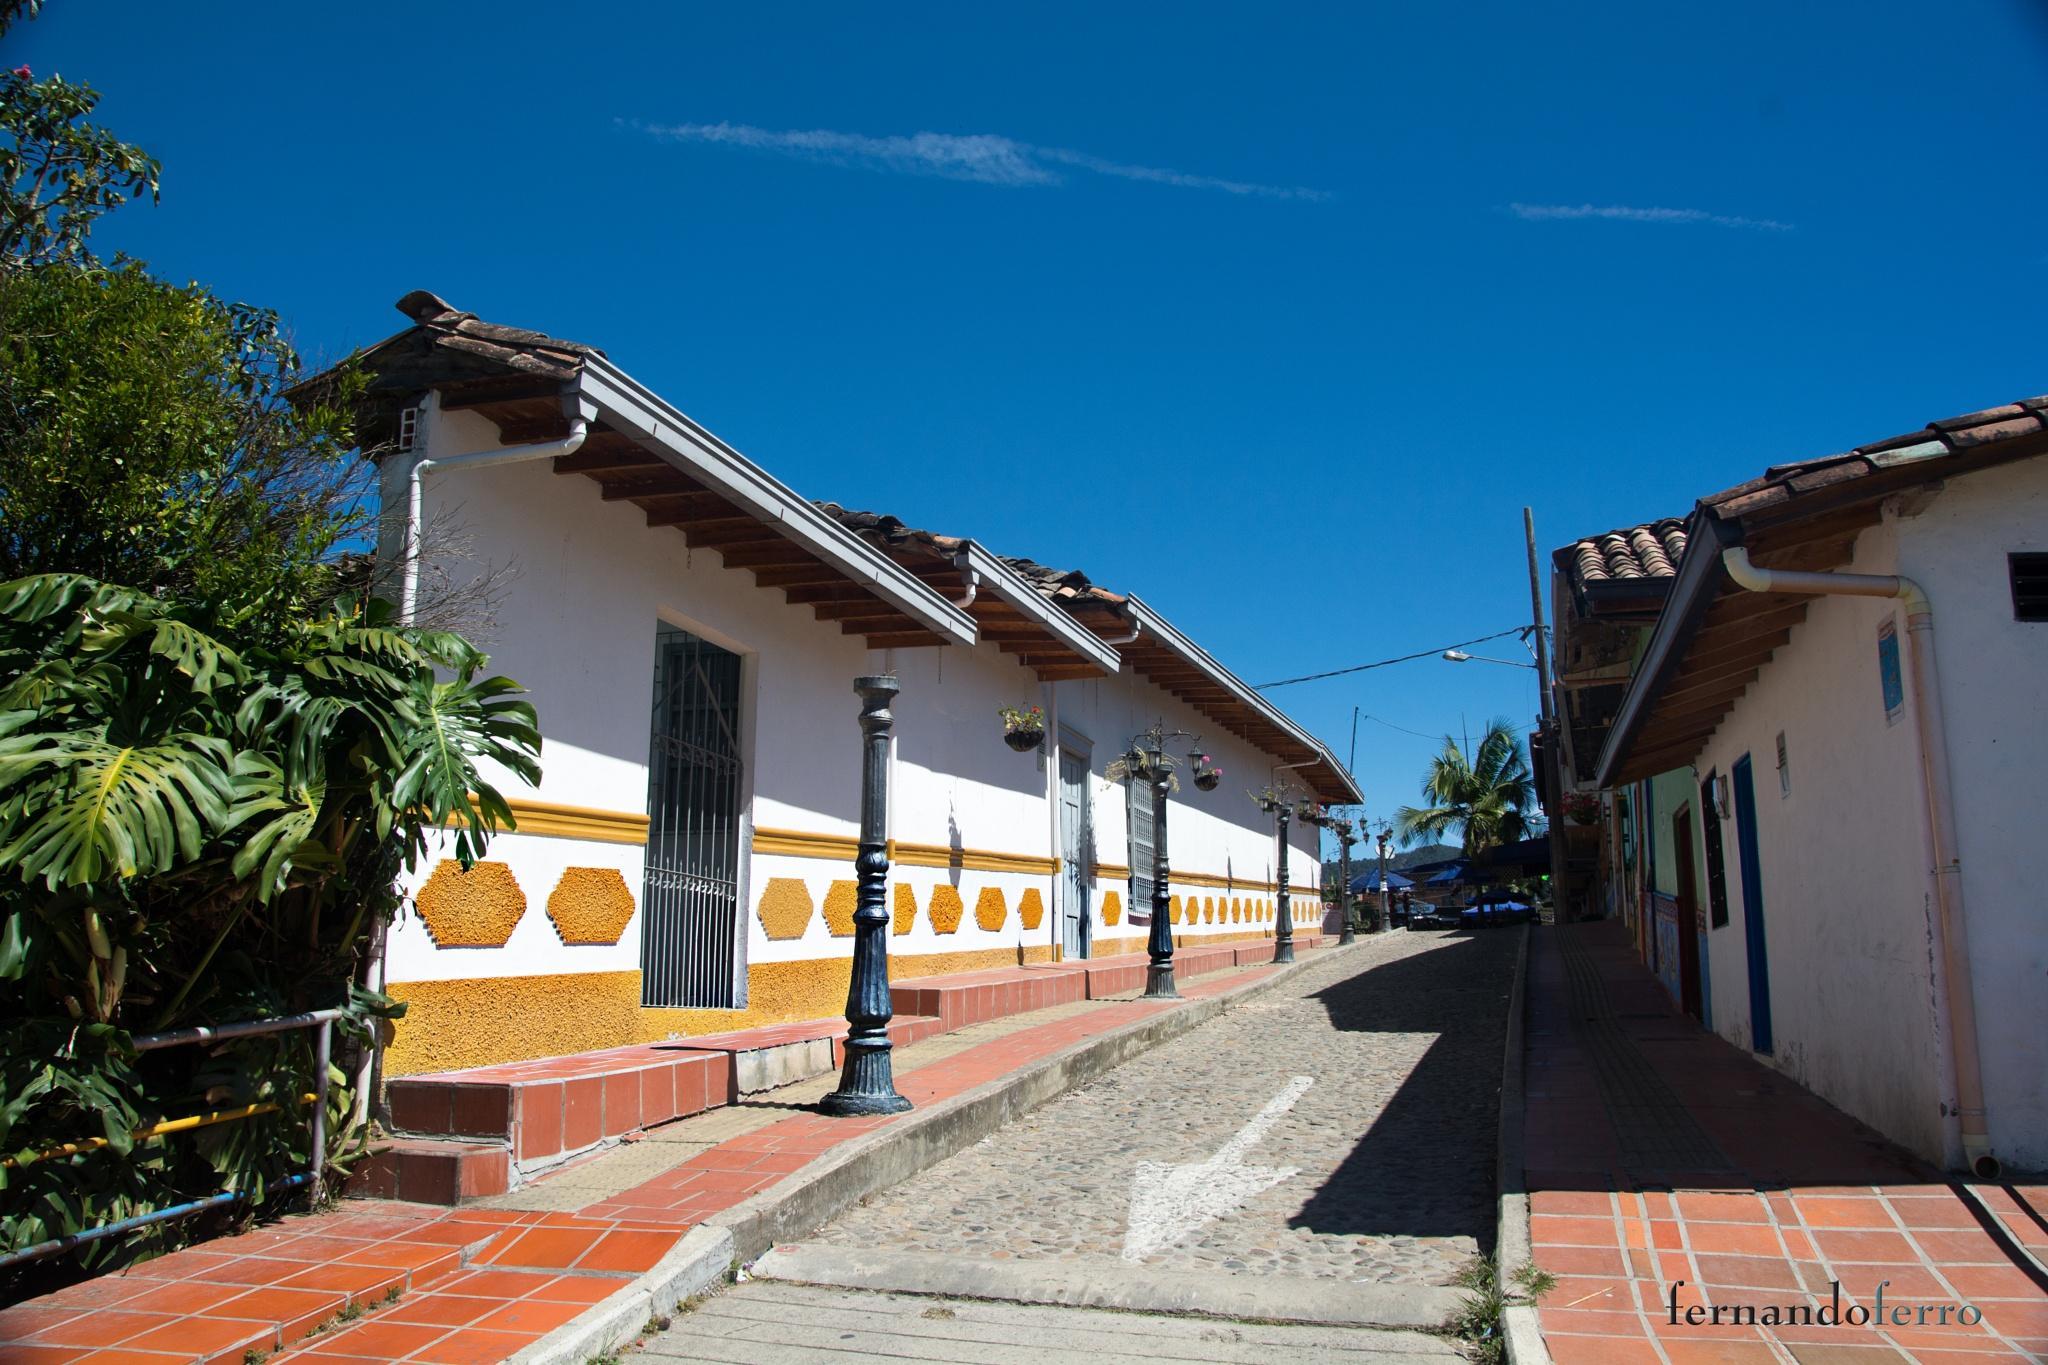 el pueblo de los zócalos by FERNANDO FERRO